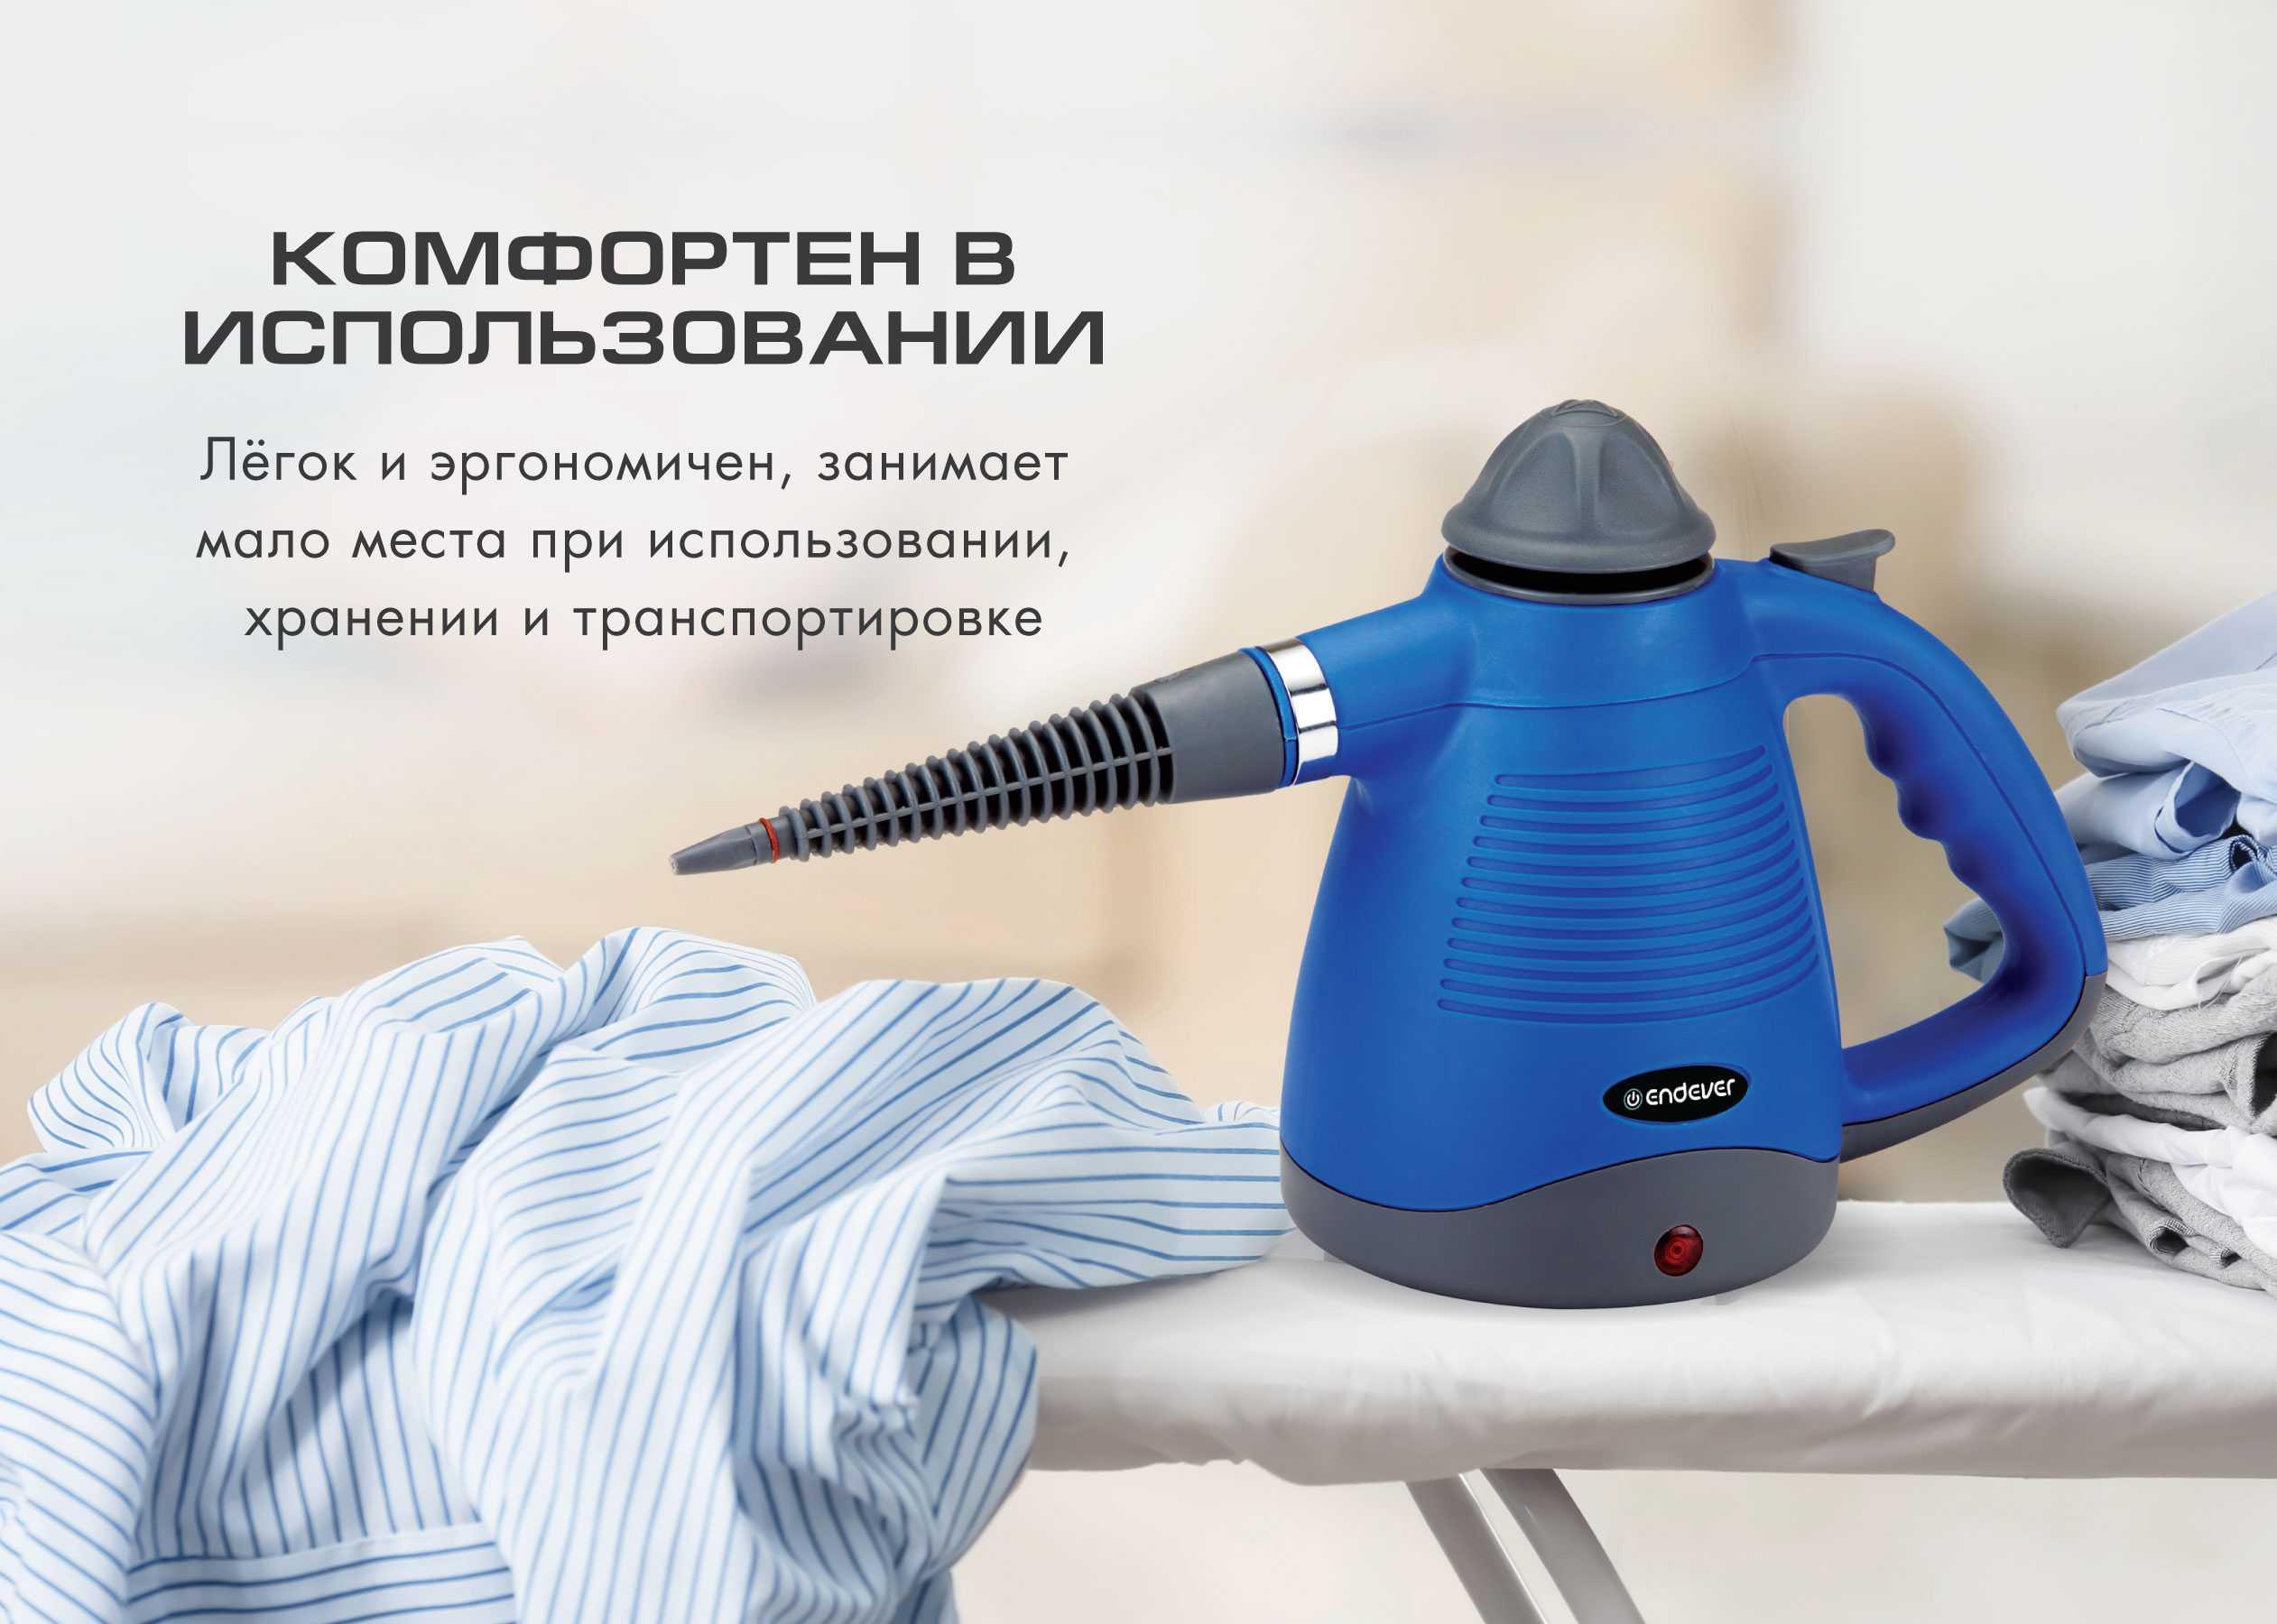 10 лучших пароочистителей для дома и советы по выбору